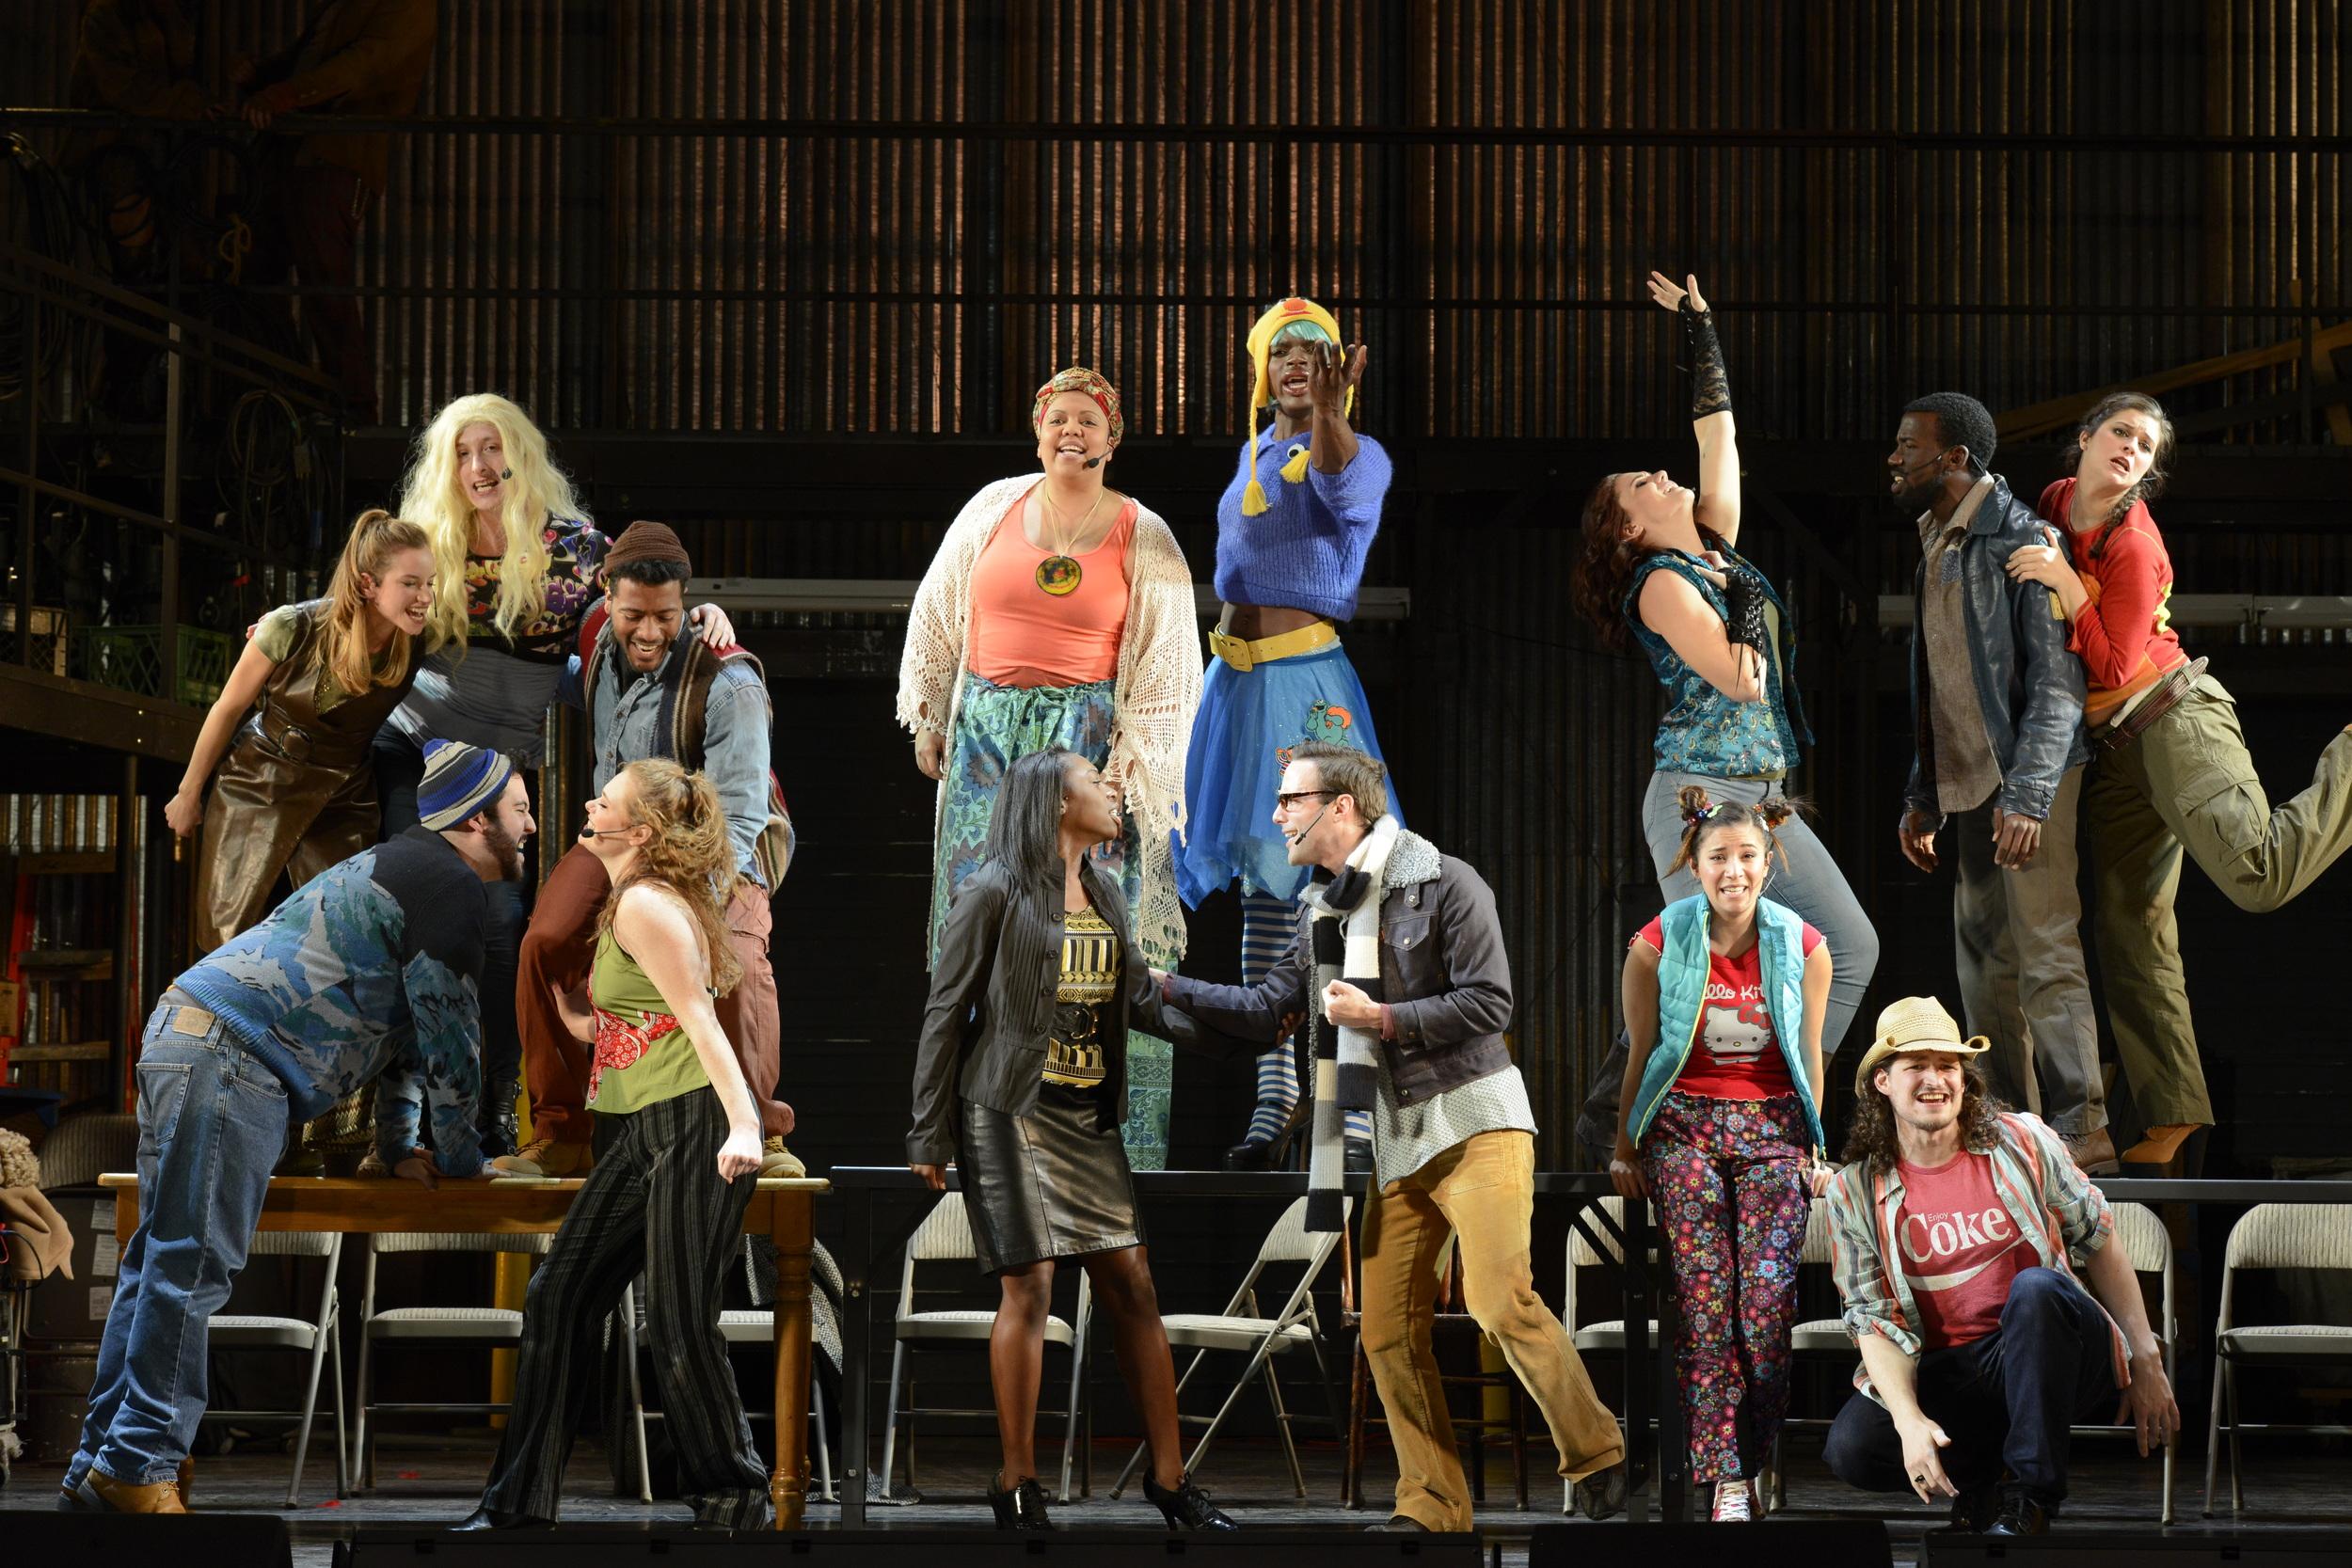 """The cast performs """"La Vie Boheme"""" in Fiddlehead Theatre Company's  Rent (Photo Credit: Fiddlehead Theatre Company/Eric Antoniou)."""